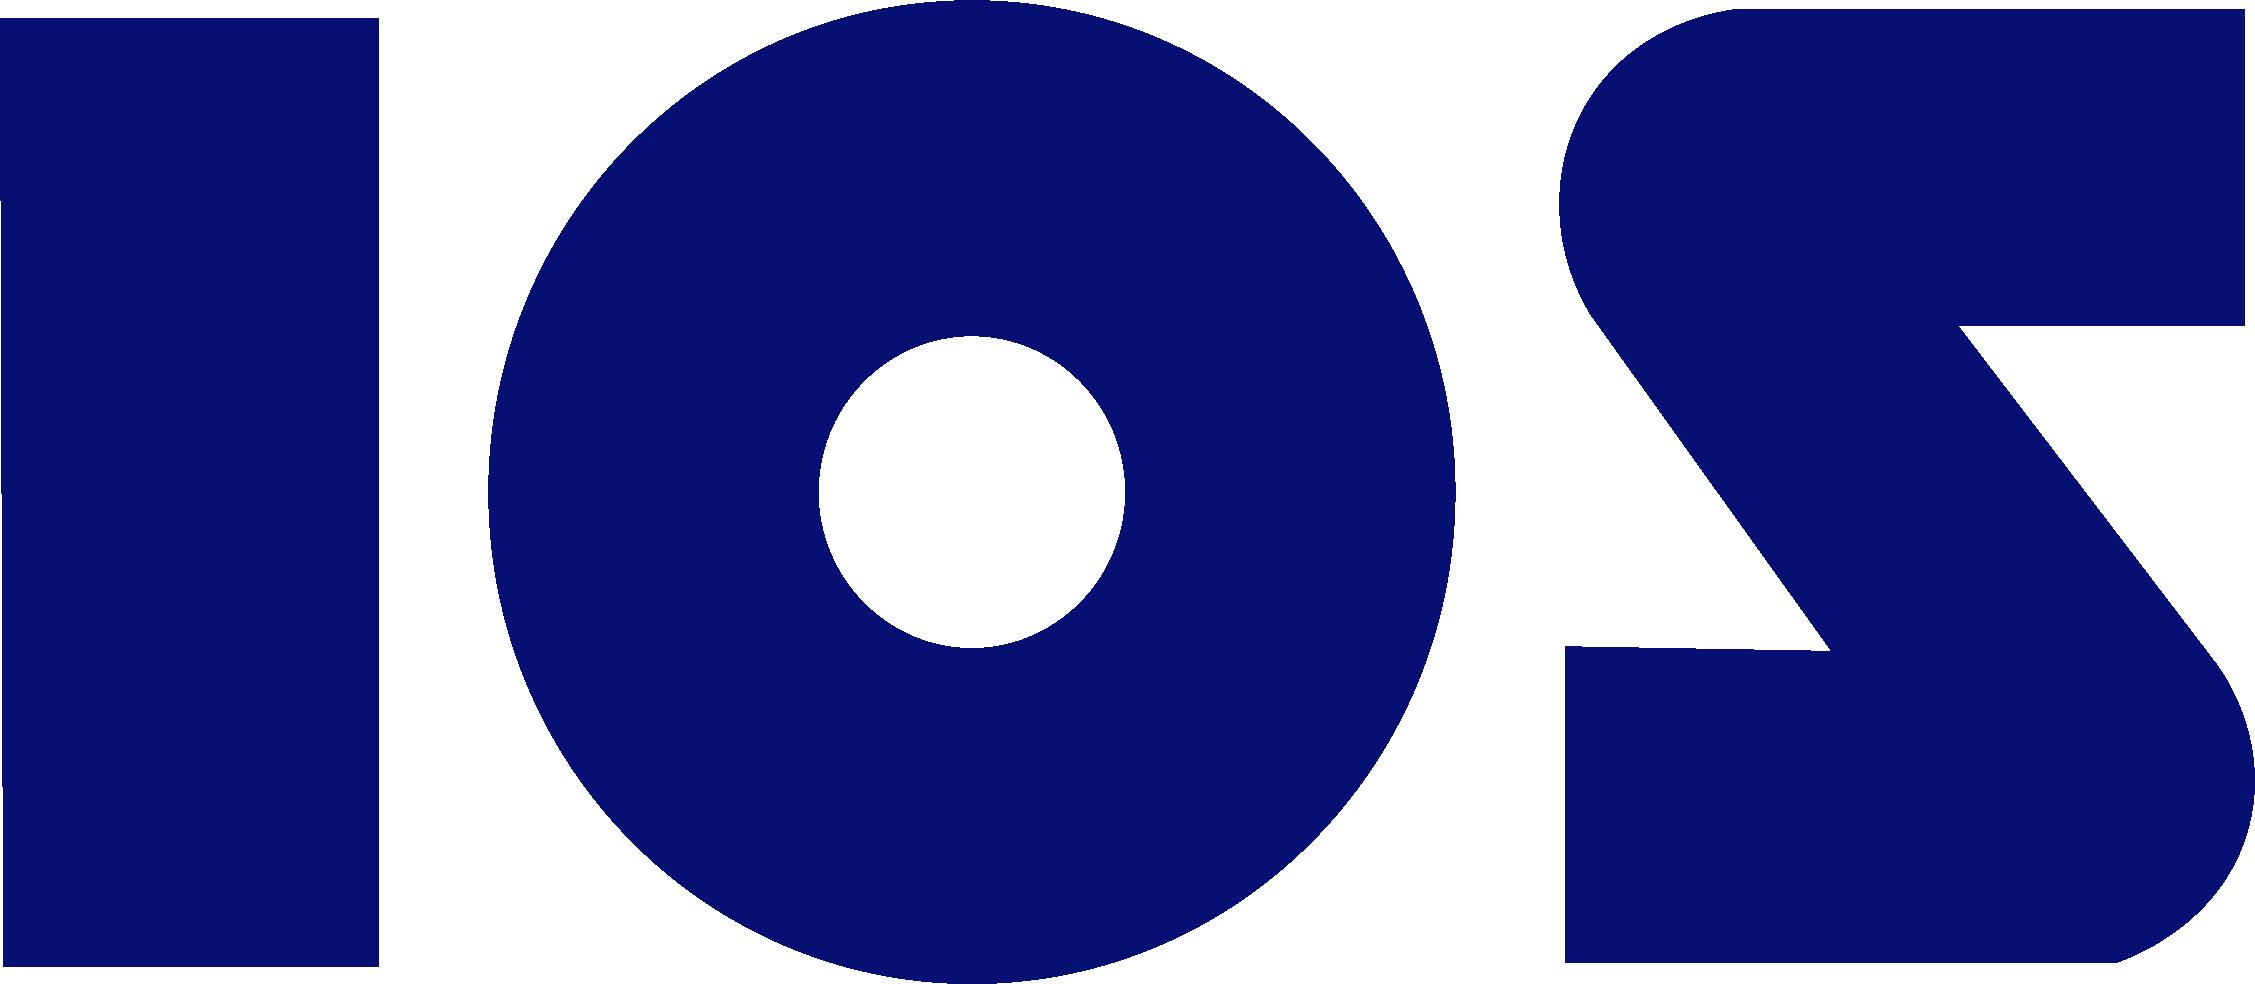 IOS Informática